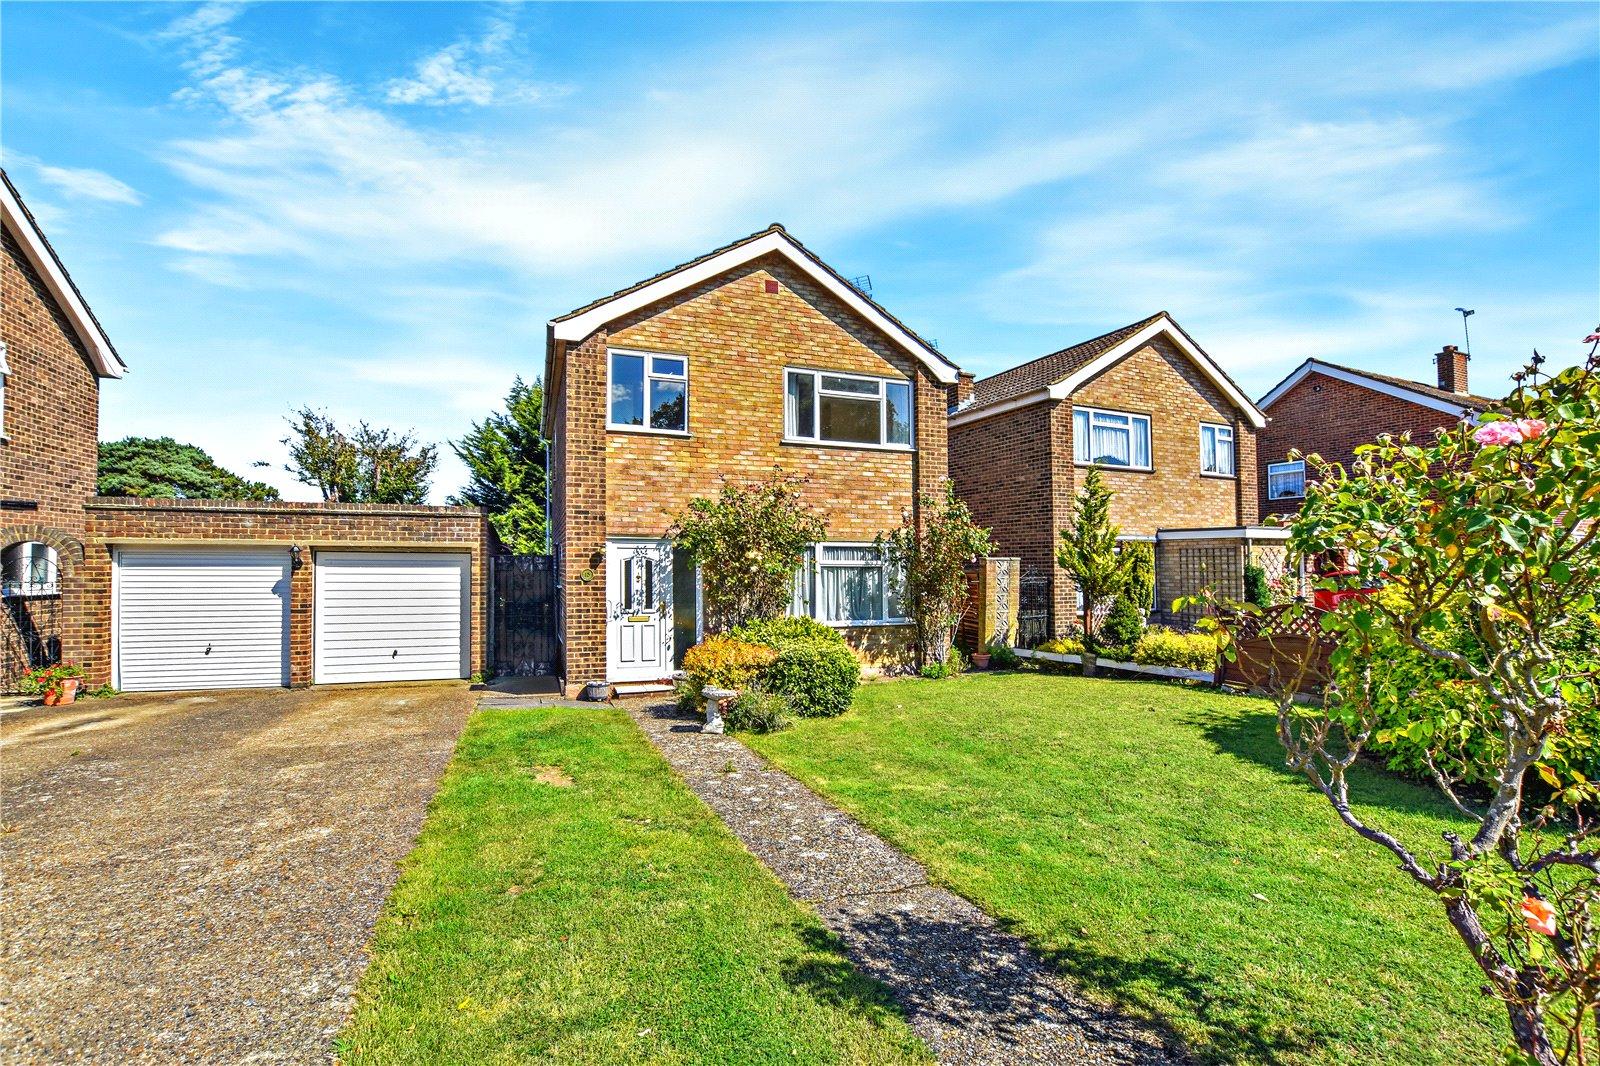 Whenman Avenue, Joydens Wood, Bexley, Kent, DA5